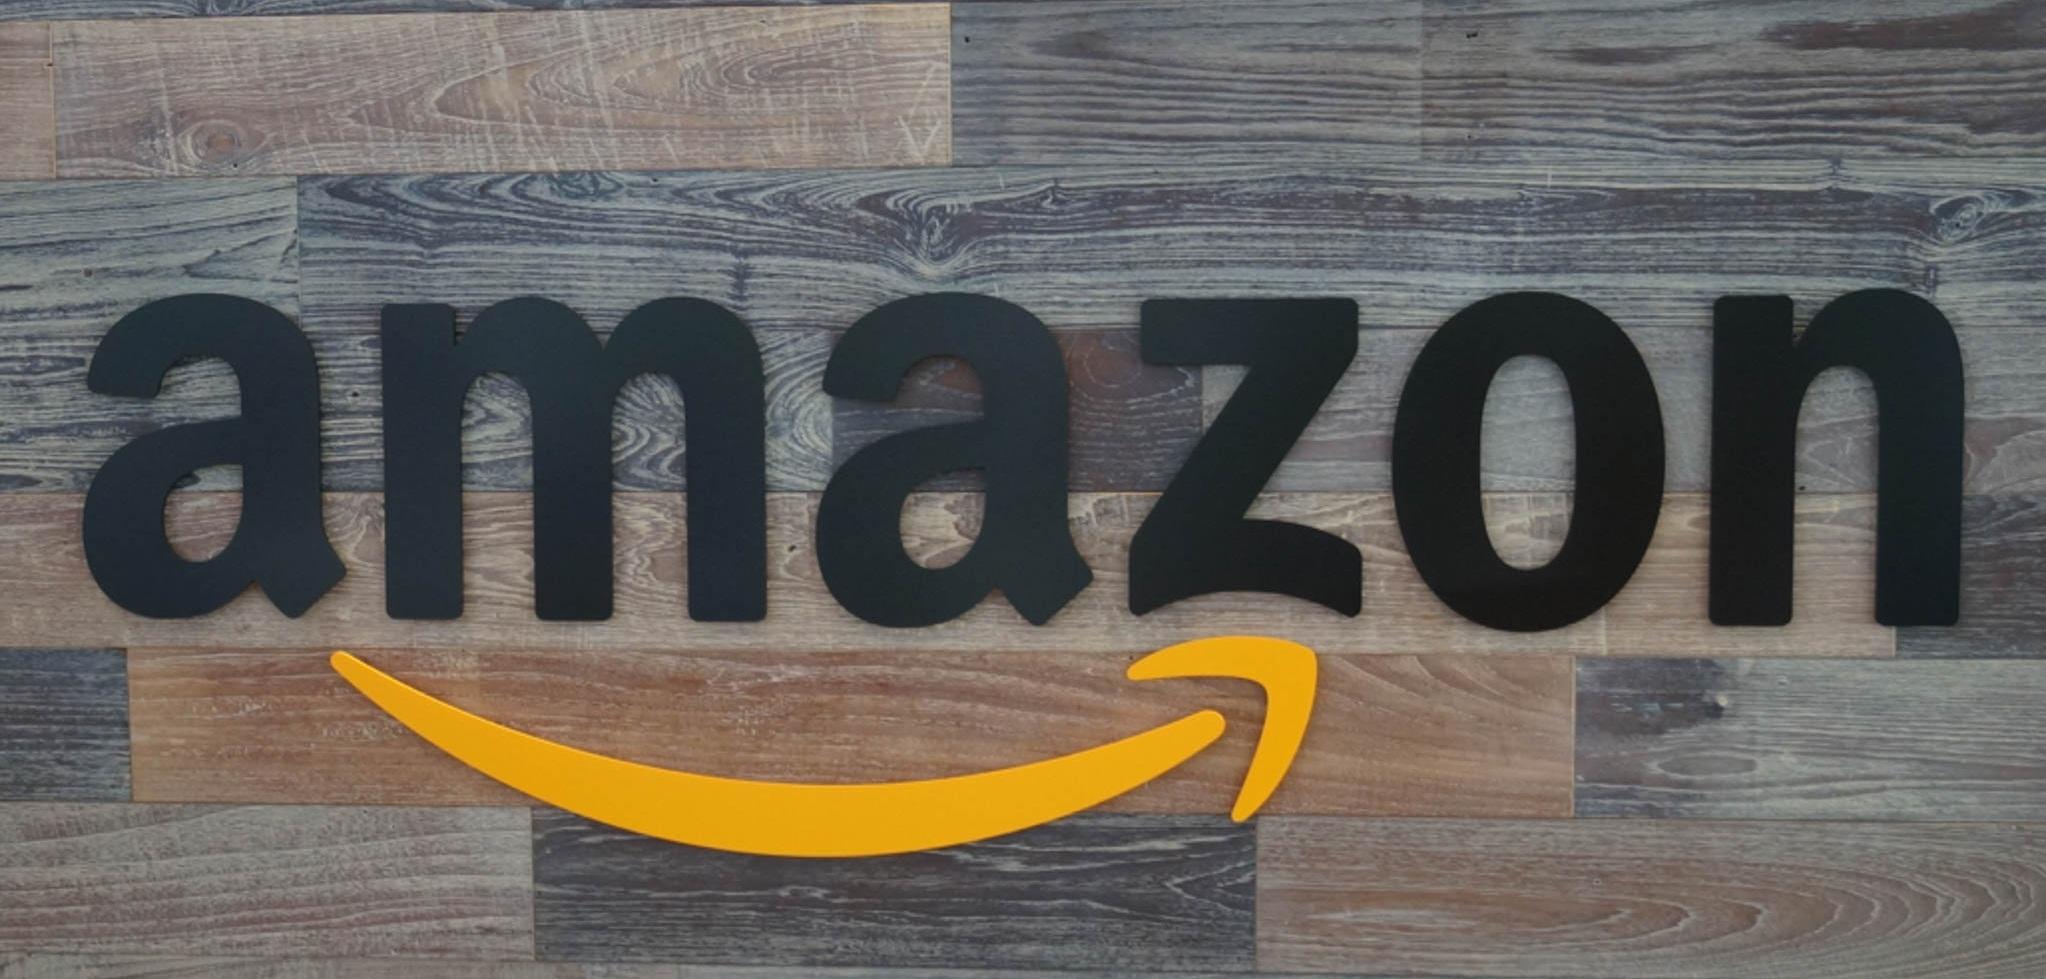 Amazon HQ Tour – South Lake Union